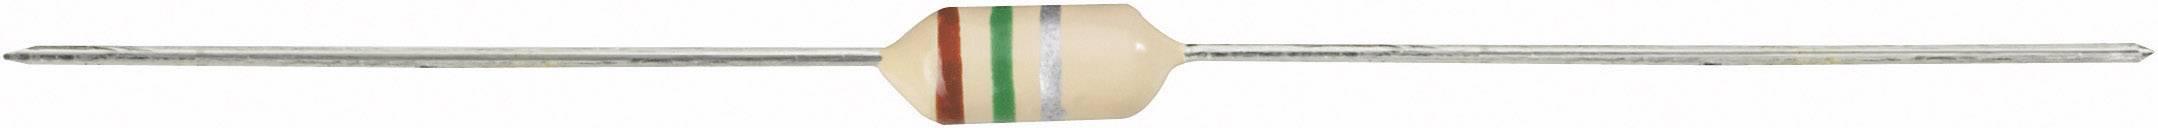 VF cívka Fastron SMCC-102J-02, 1000 µH, 0,13 A, 10 %, SMCC-102, ferit